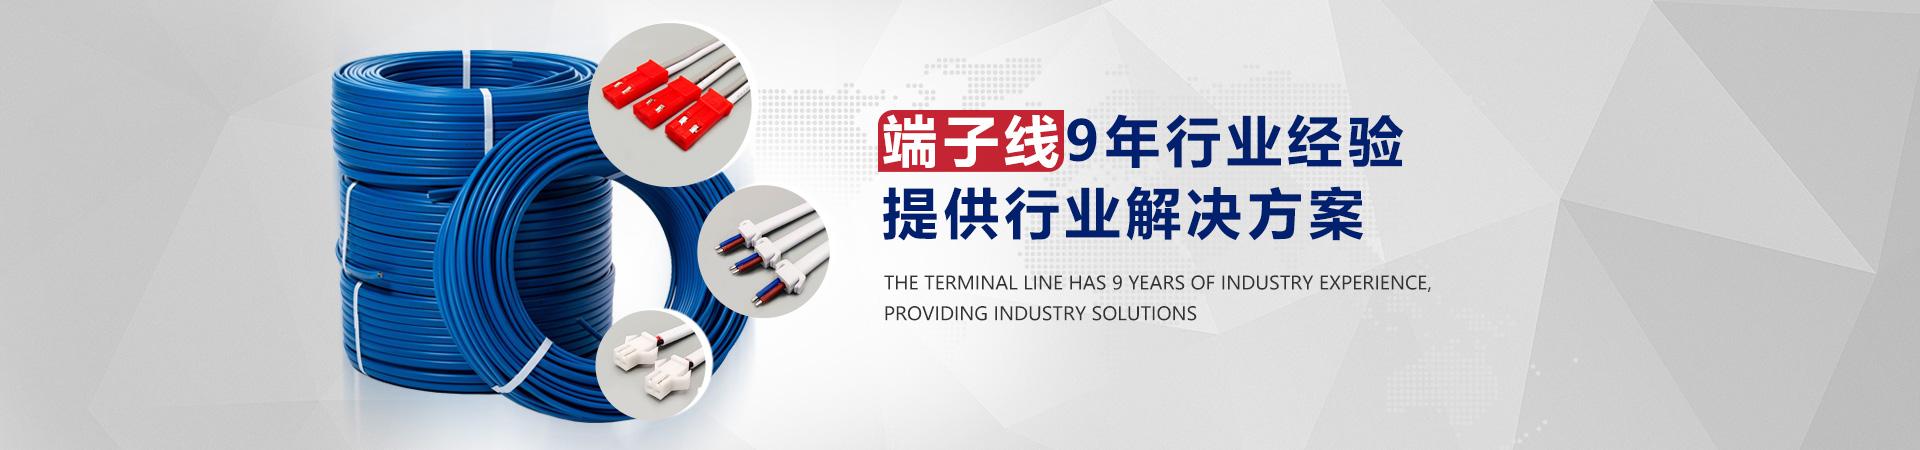 安富端子线9年行业经验,提供行业解决方案